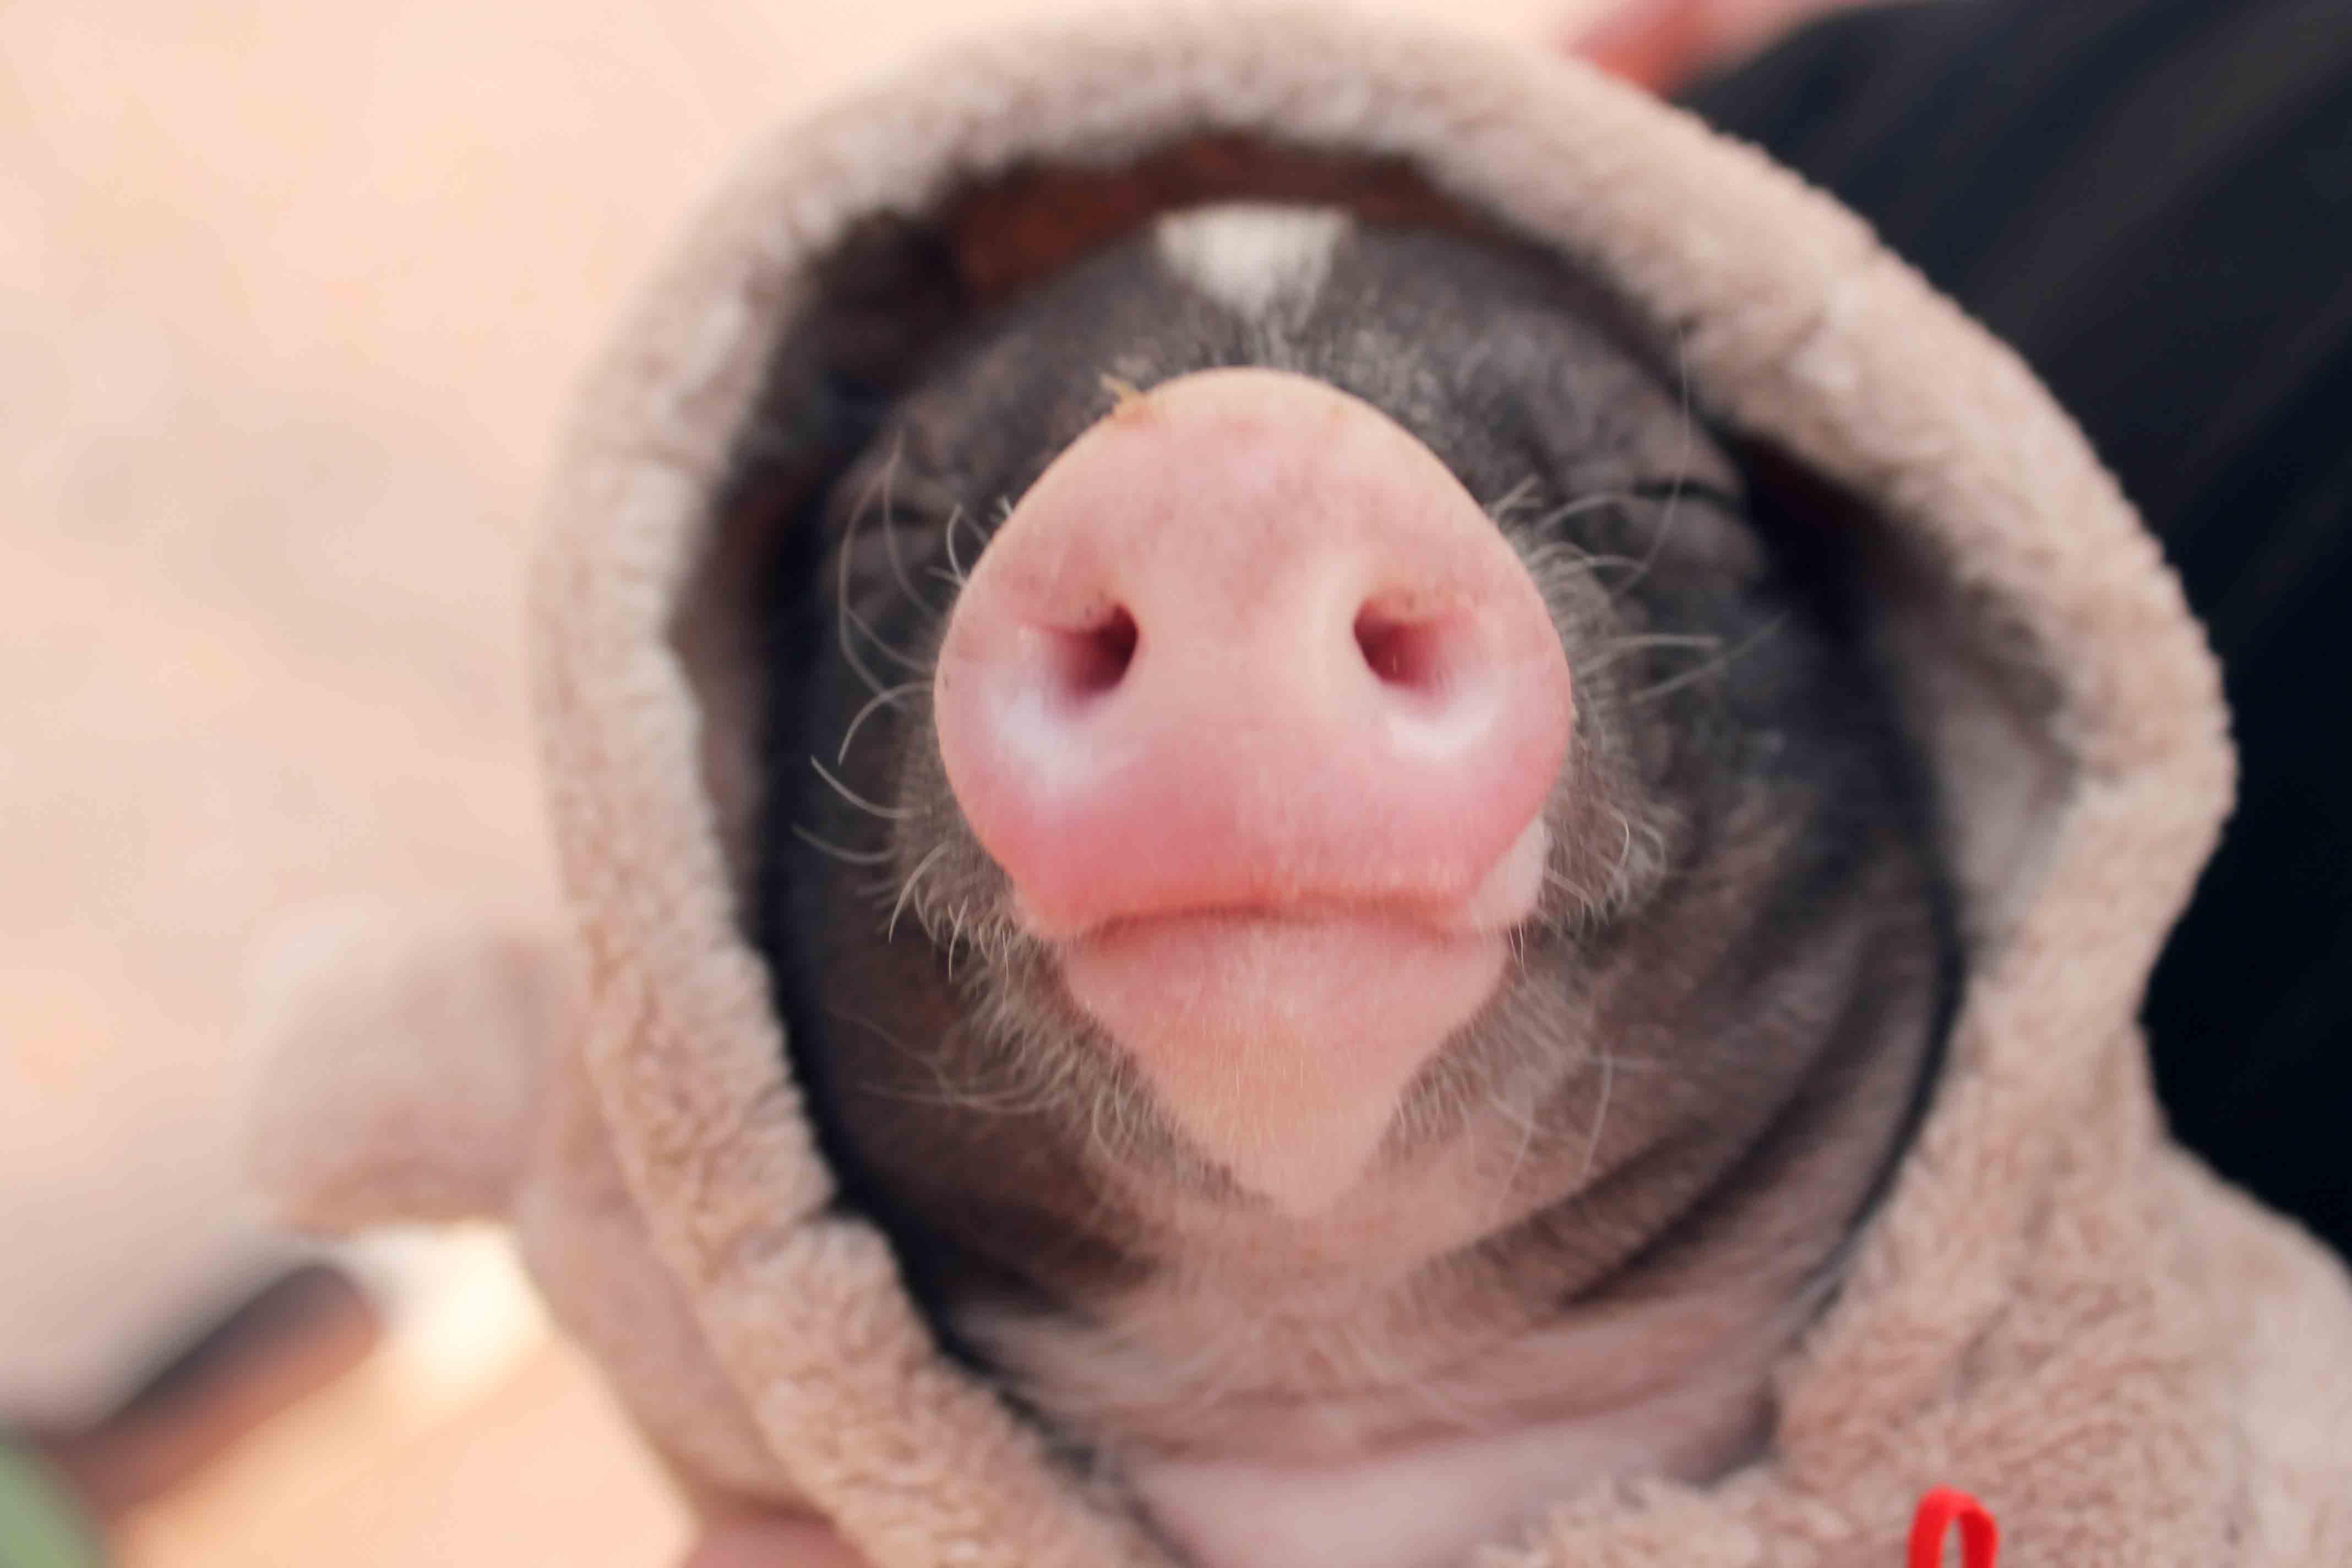 萌宠里面当然少不了我可爱的让人忍俊不禁小香猪了!